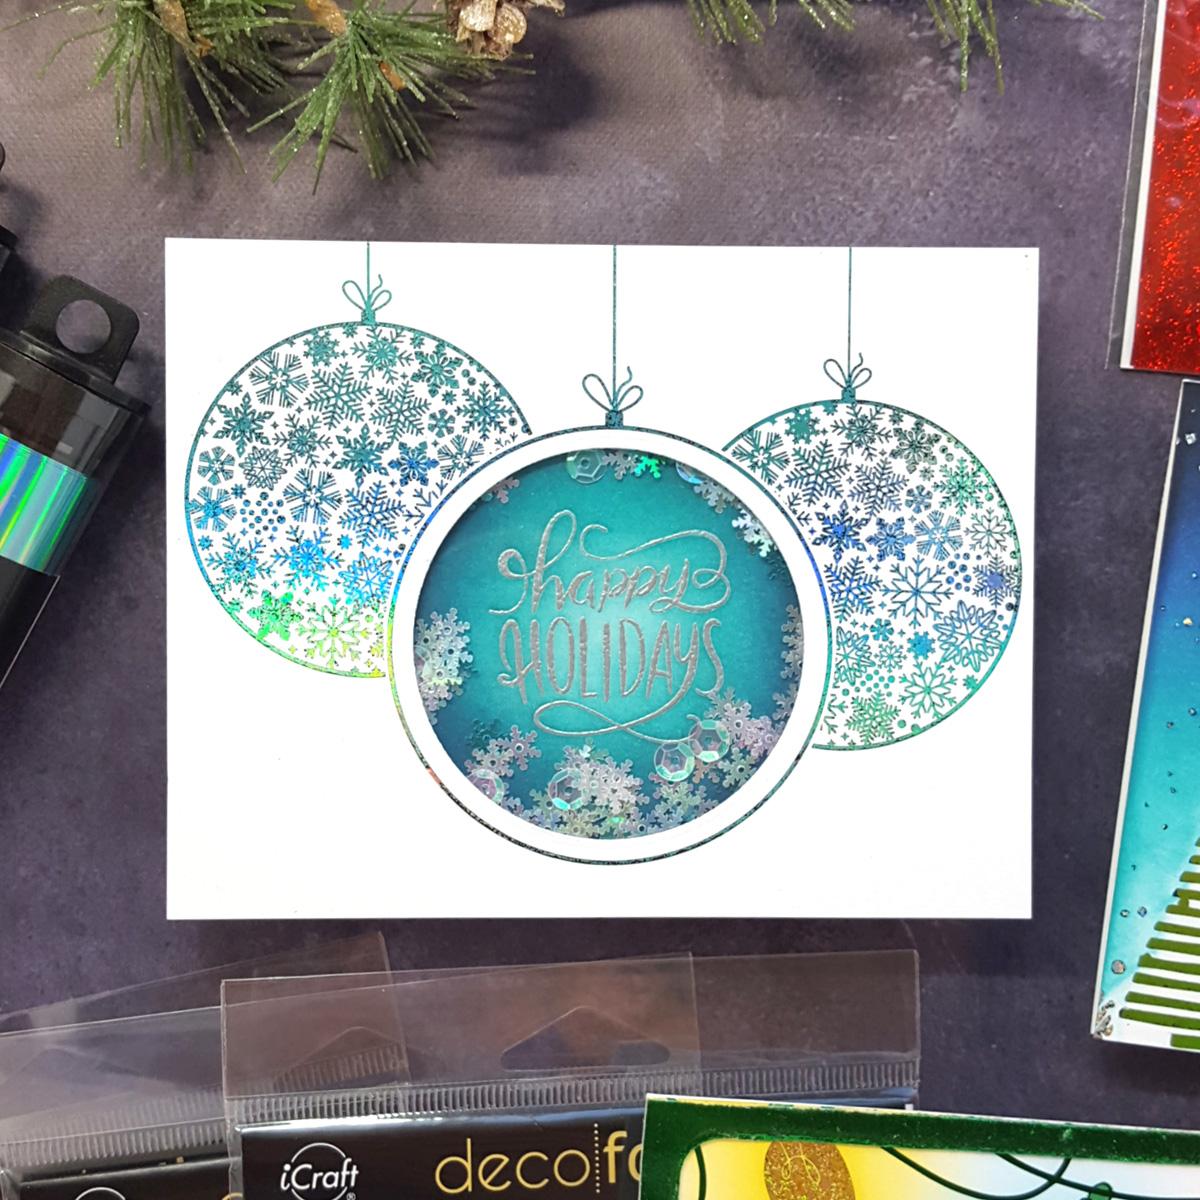 Andrea_Ornate Ornaments